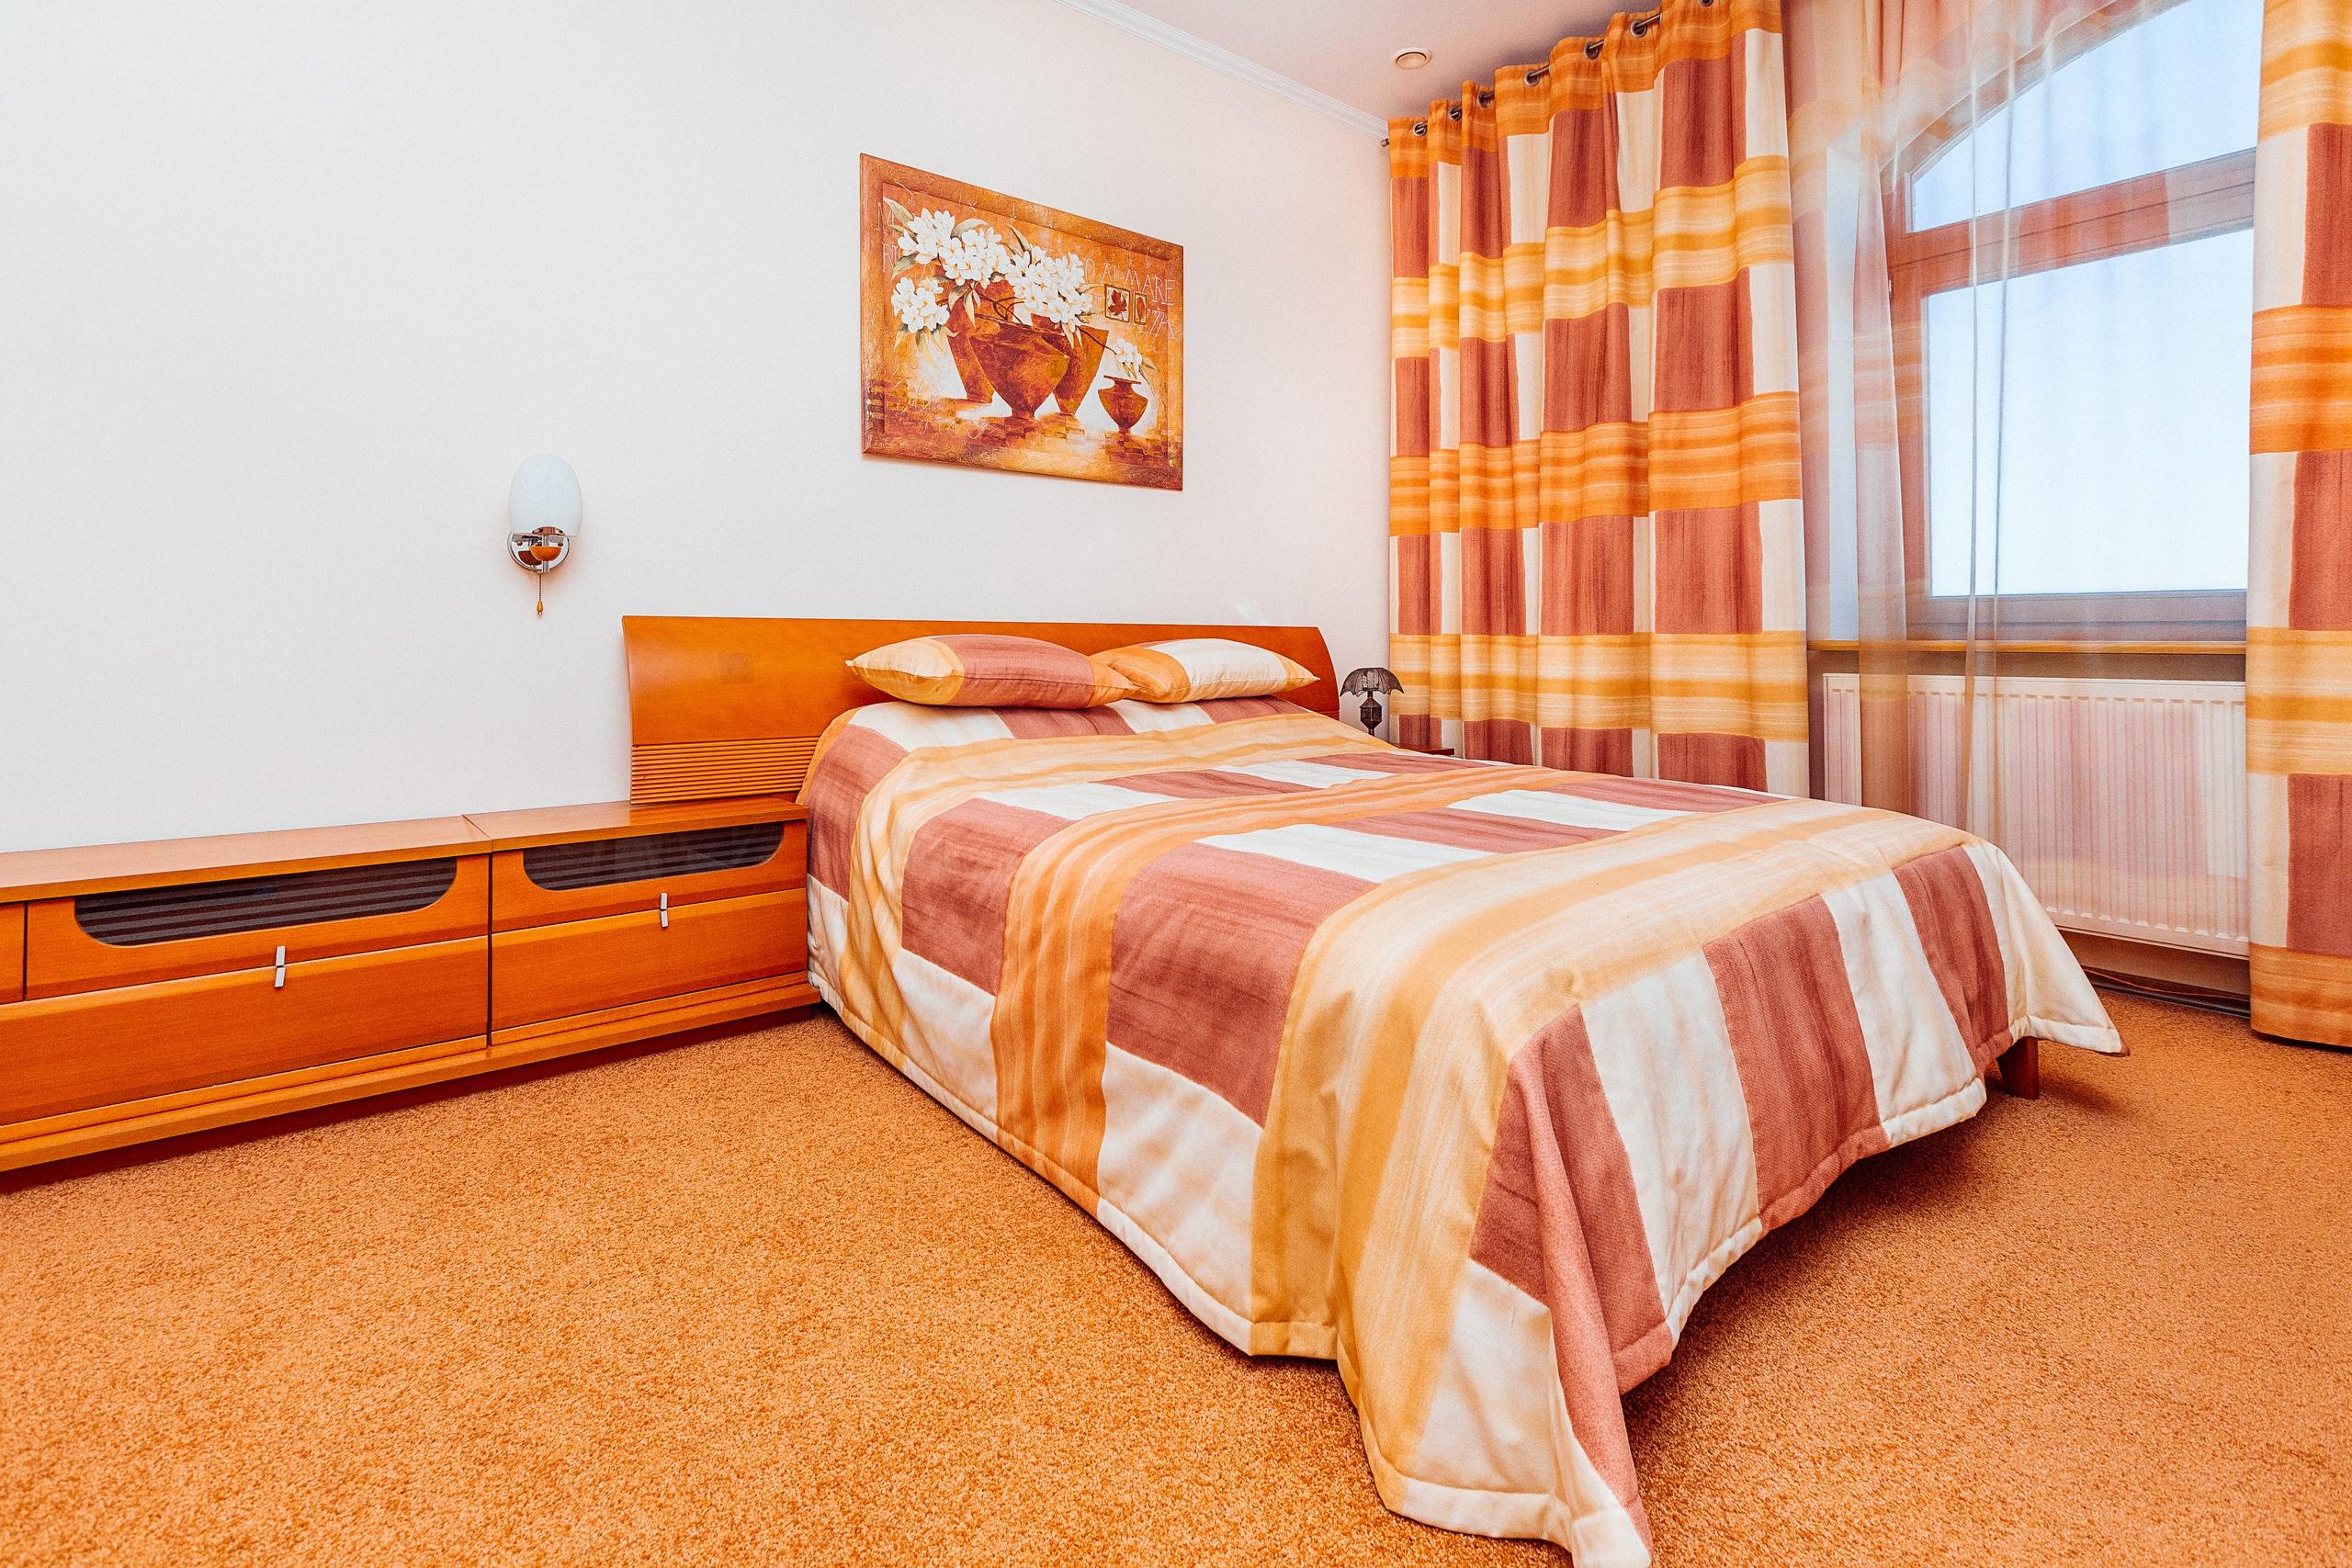 Квартира в Старом Осколе за 14 миллионов Старый Оскол